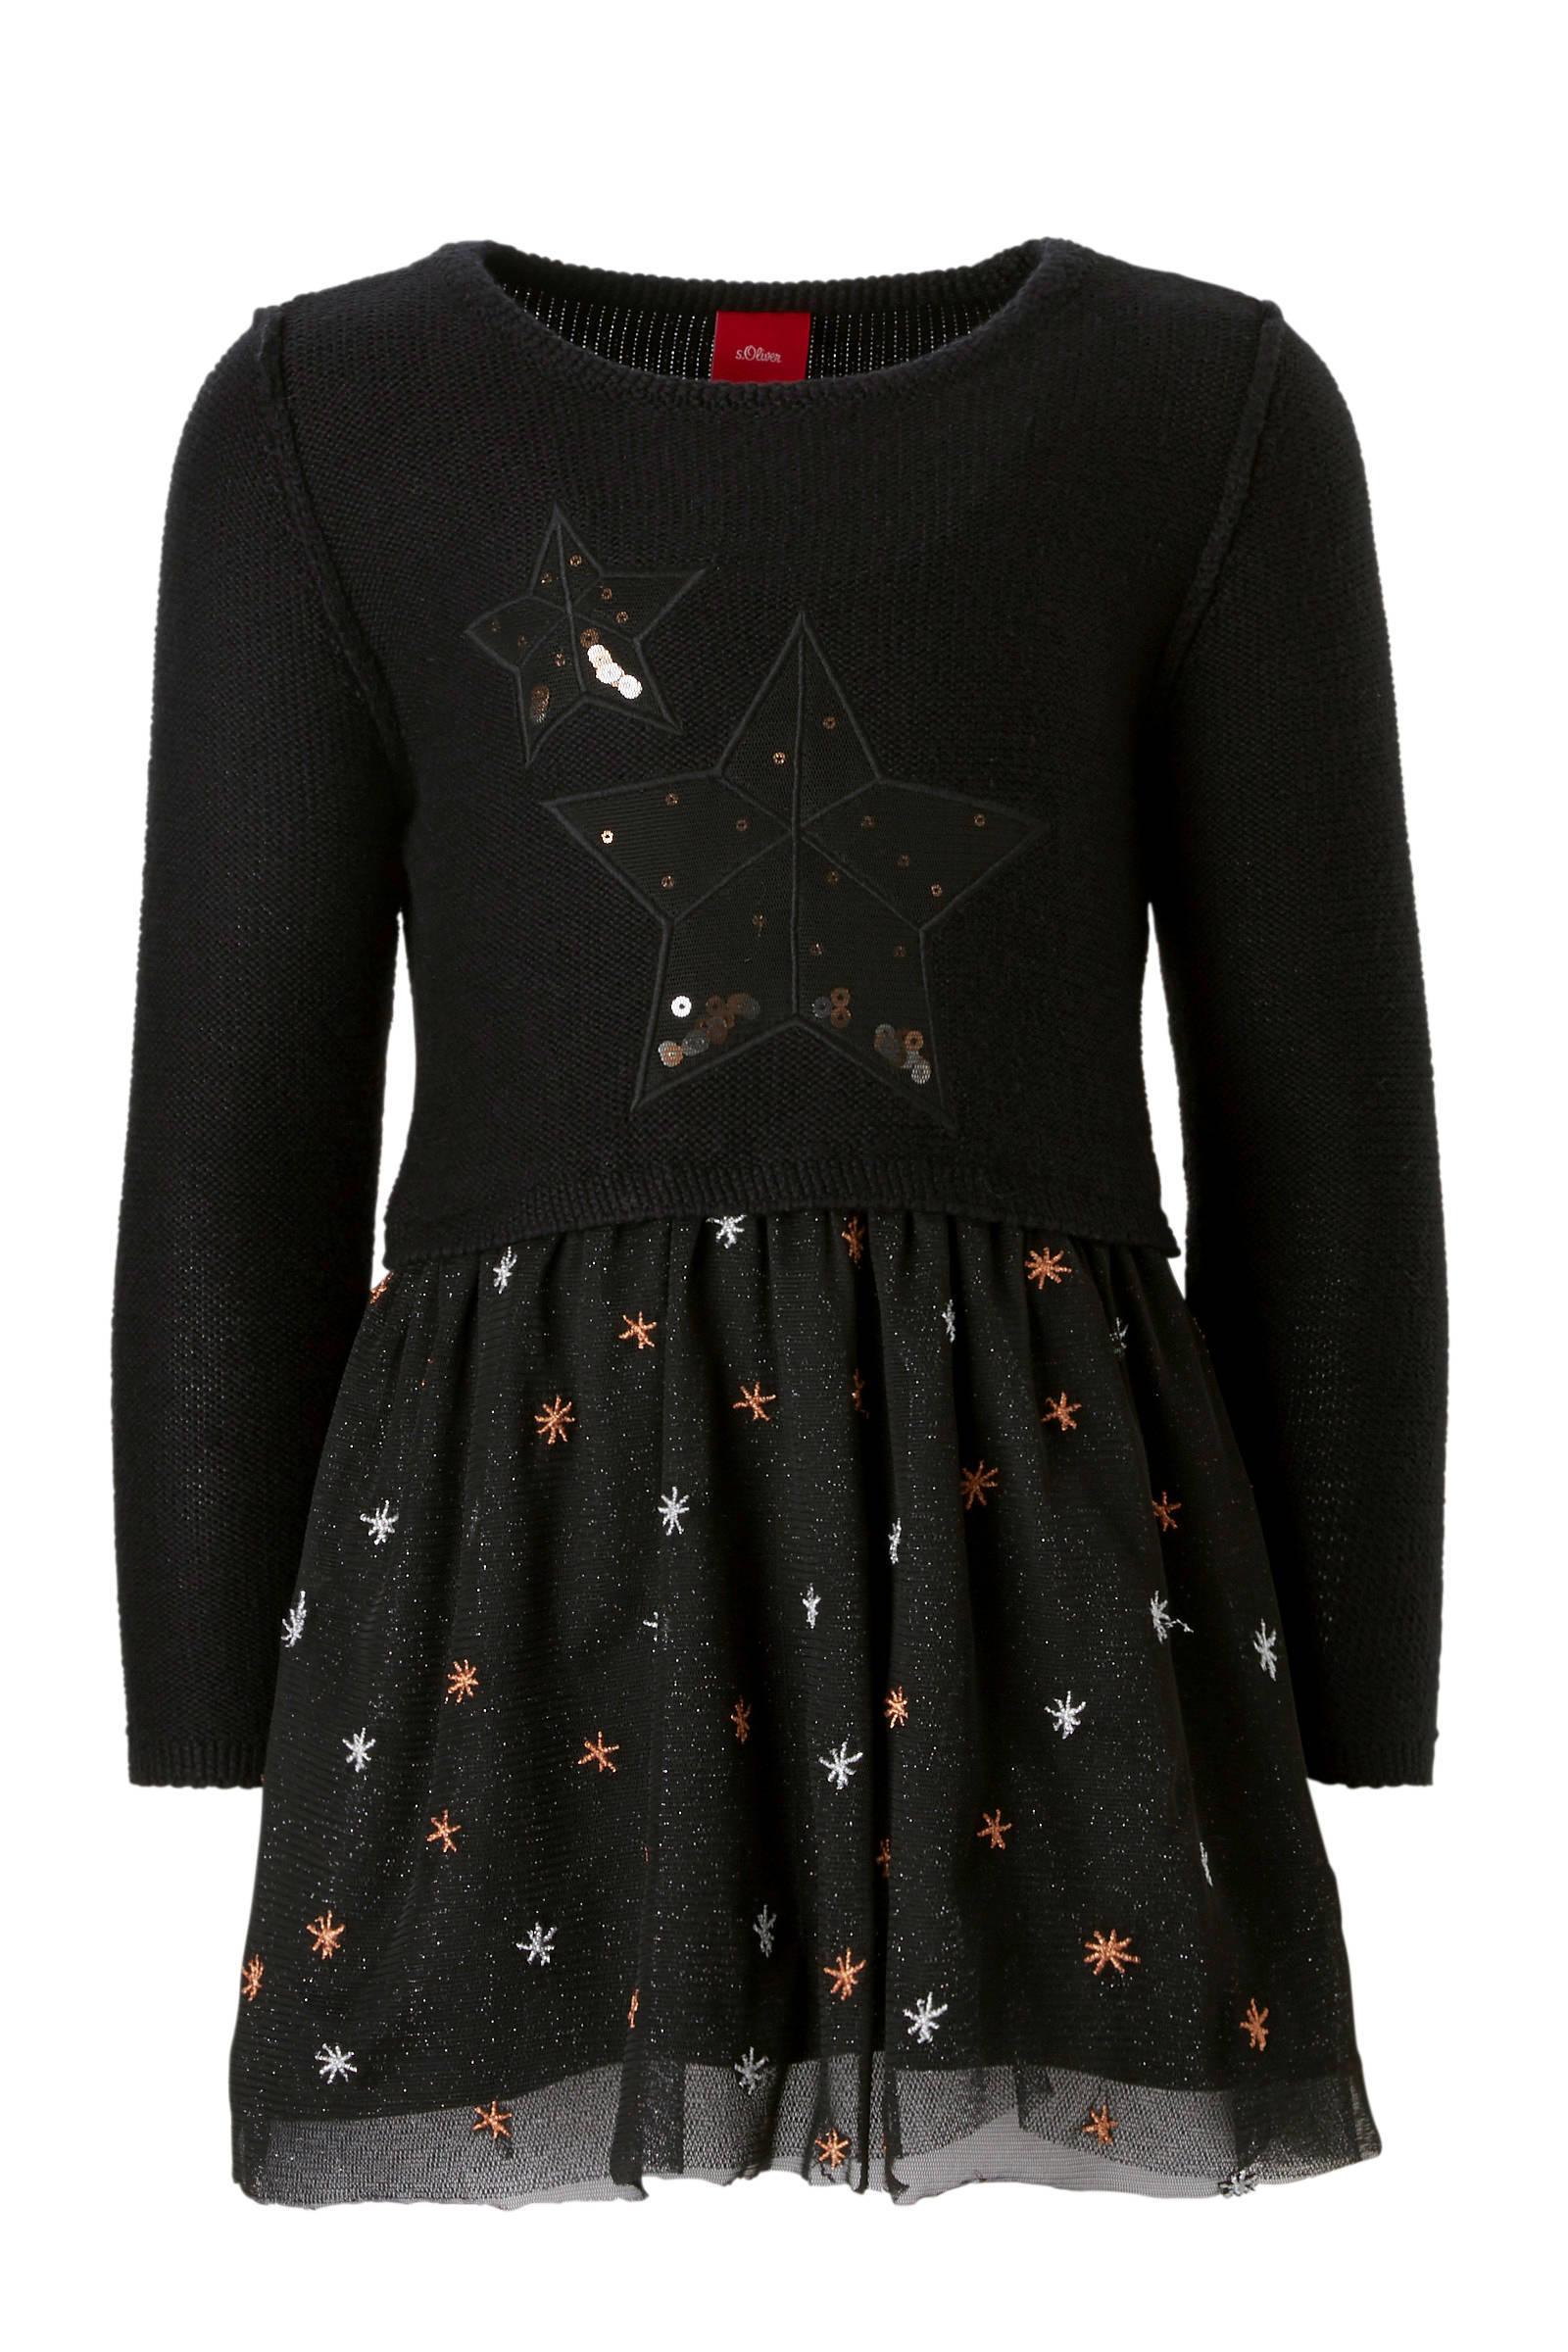 zwart jurkje met sterren